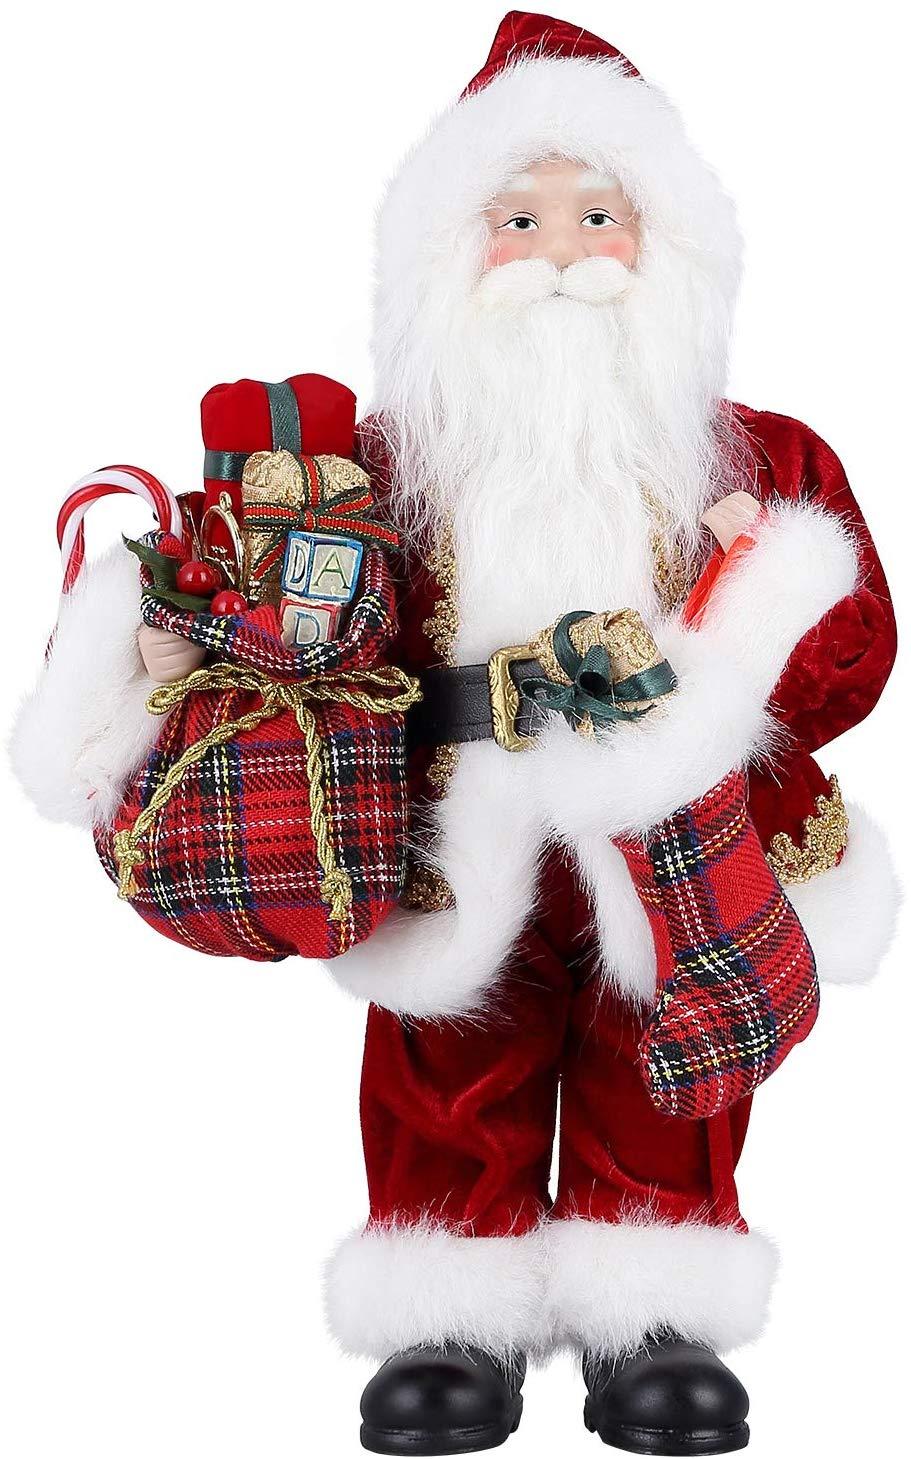 himaly Weihnachtsmann 12 Zoll Weihnachtspuppe Viggo 30 cm Höhe Weihnachtsmänner